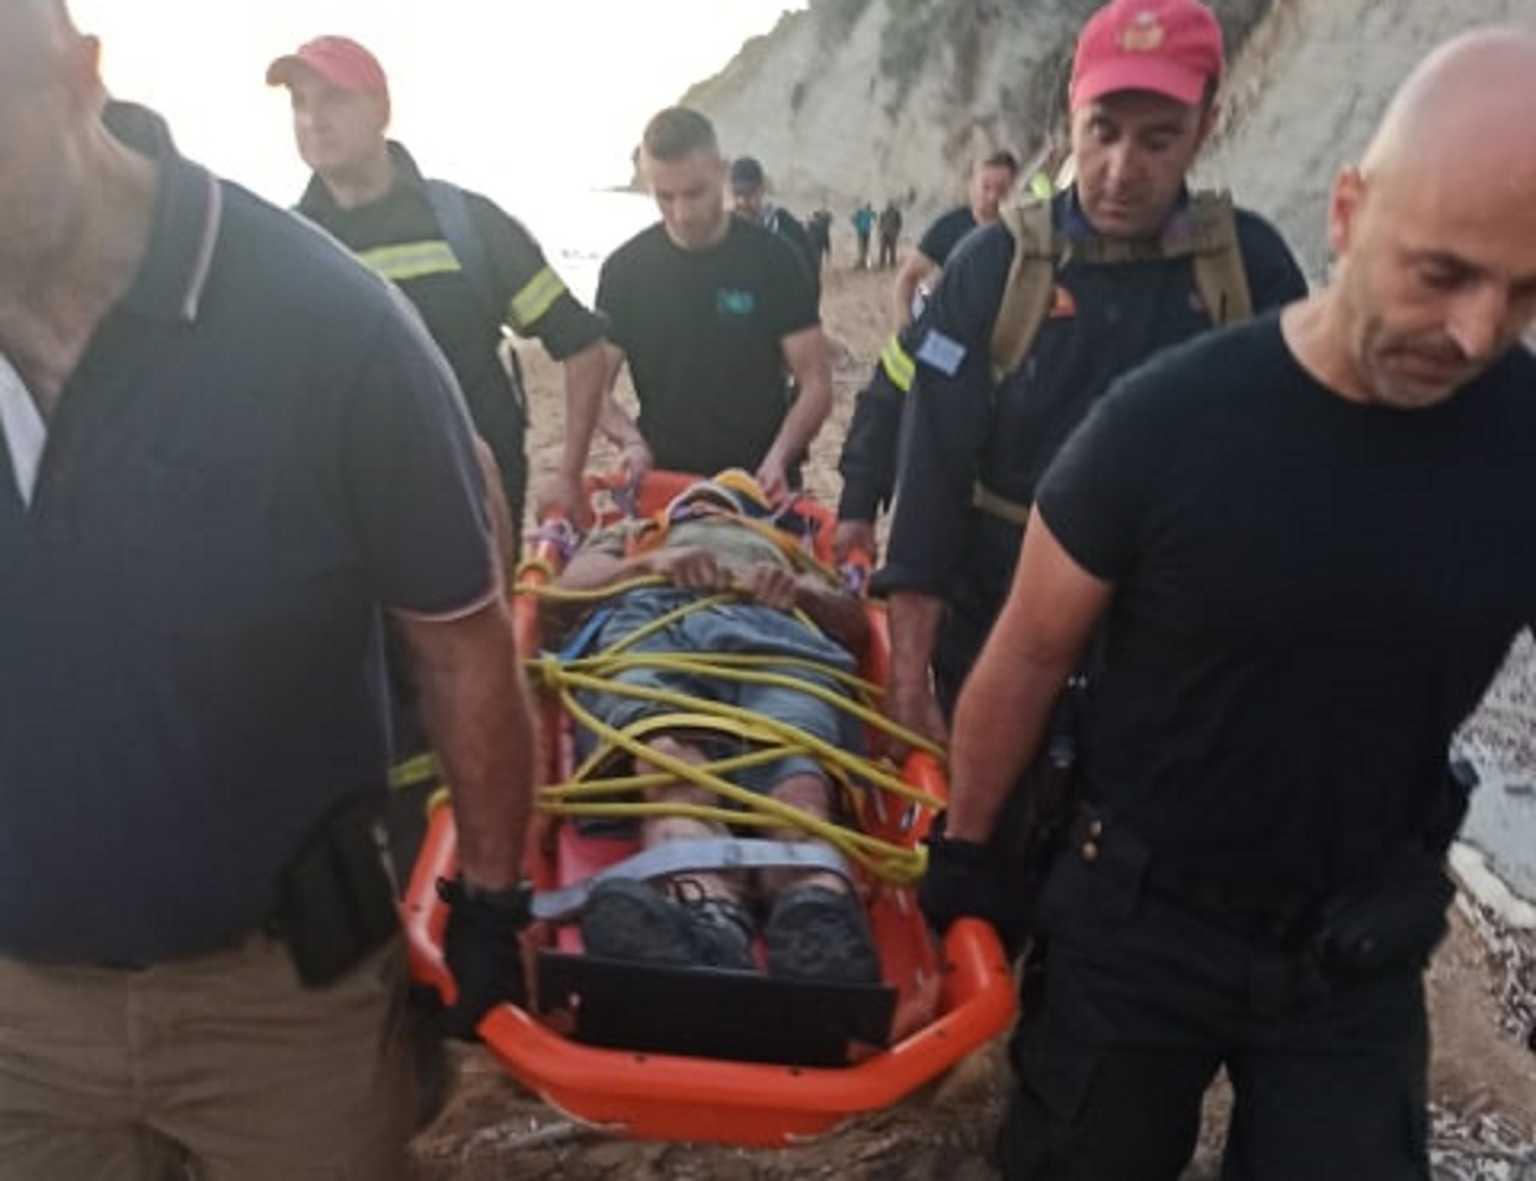 """Κέρκυρα: Πολυτραυματίας ο """"δράκος και βιαστής του Κάβου""""! Η αναγνώριση, τα μυστικά και οι πρώτες εικόνες μετά τη σύλληψή του"""